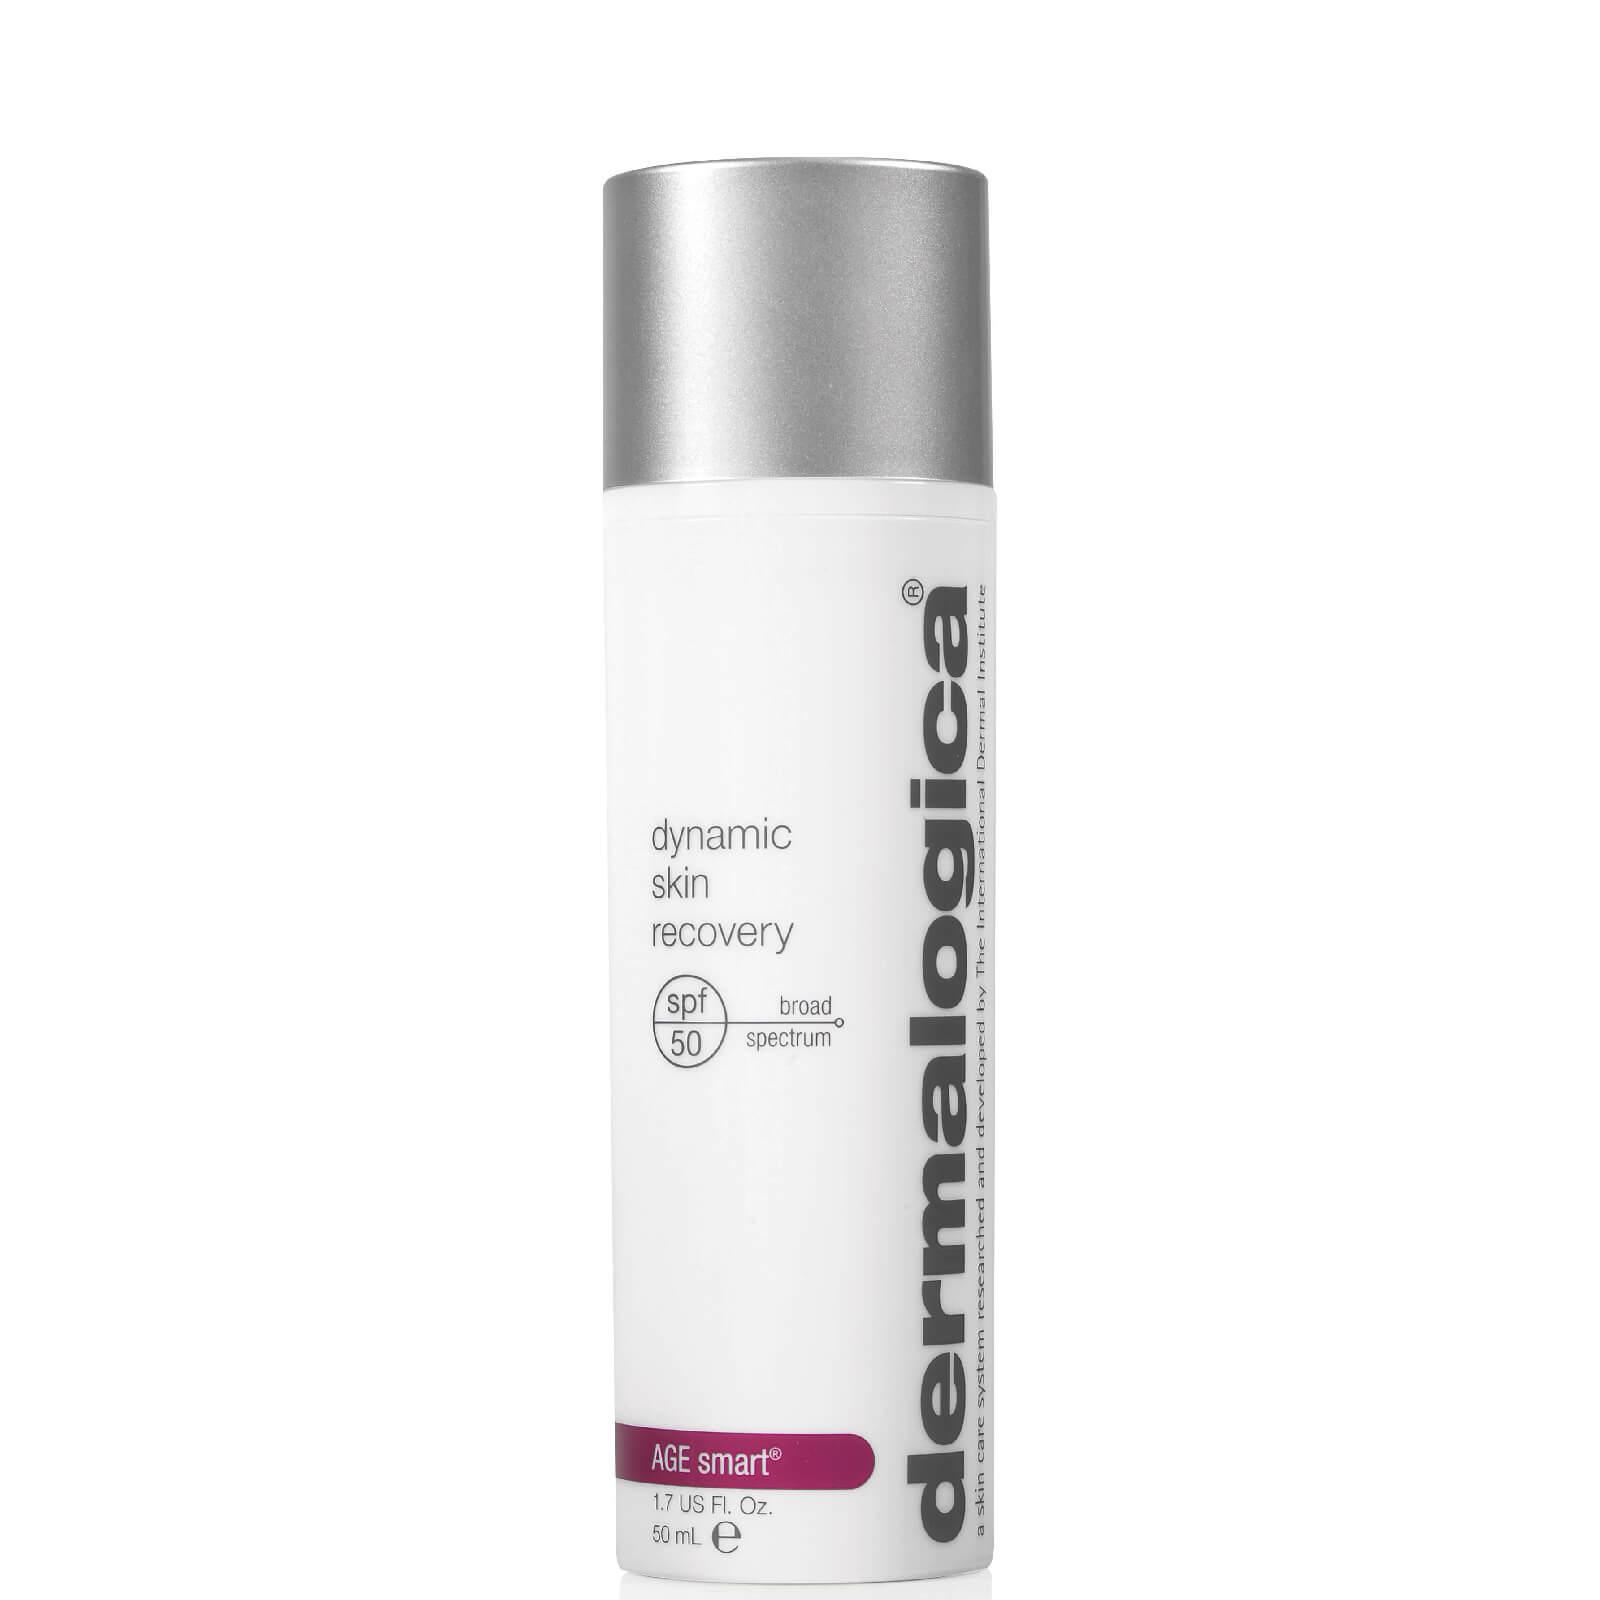 dermalogica skin recovery